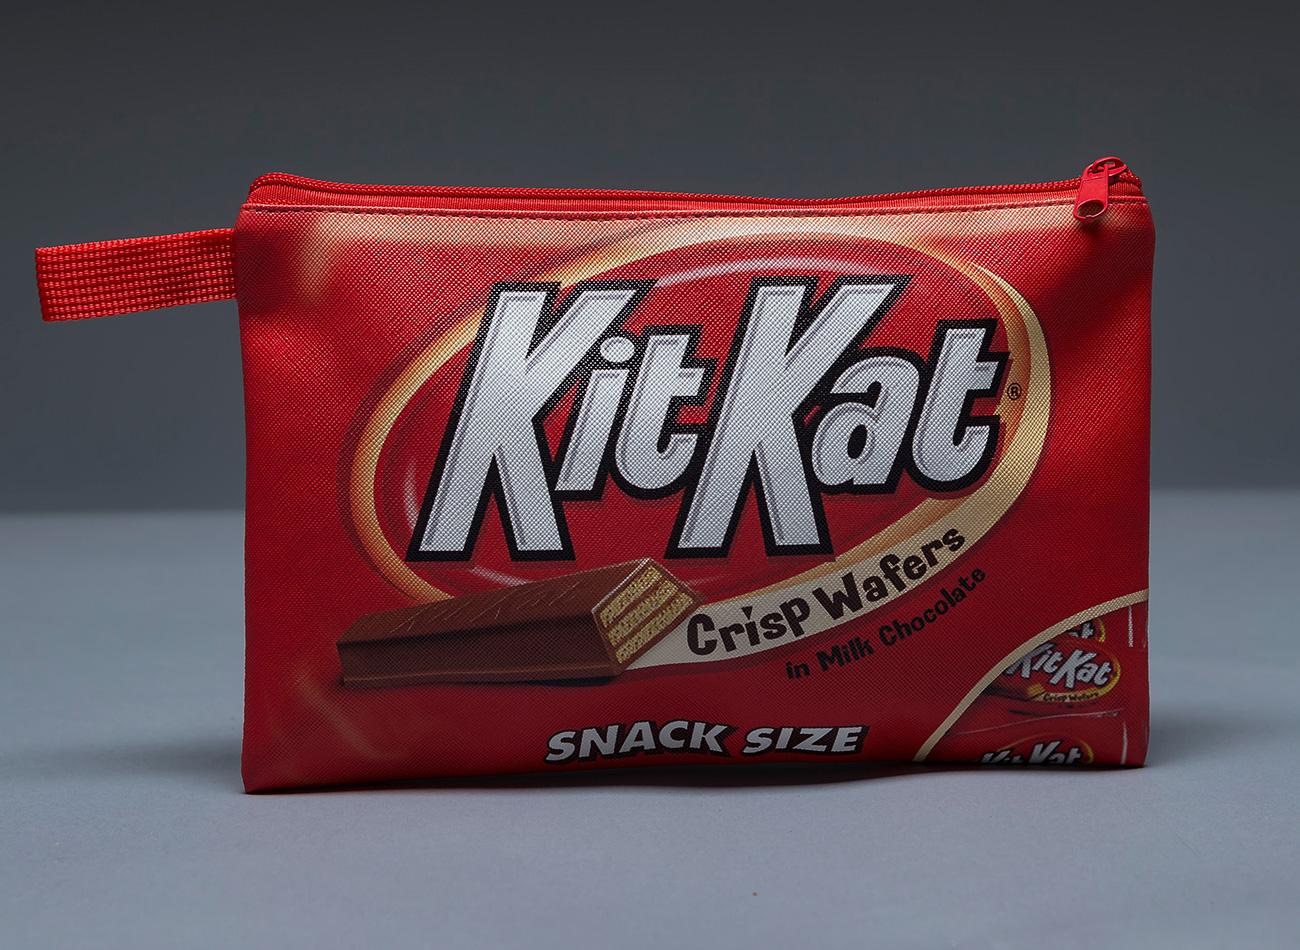 Kit Kat Clutch